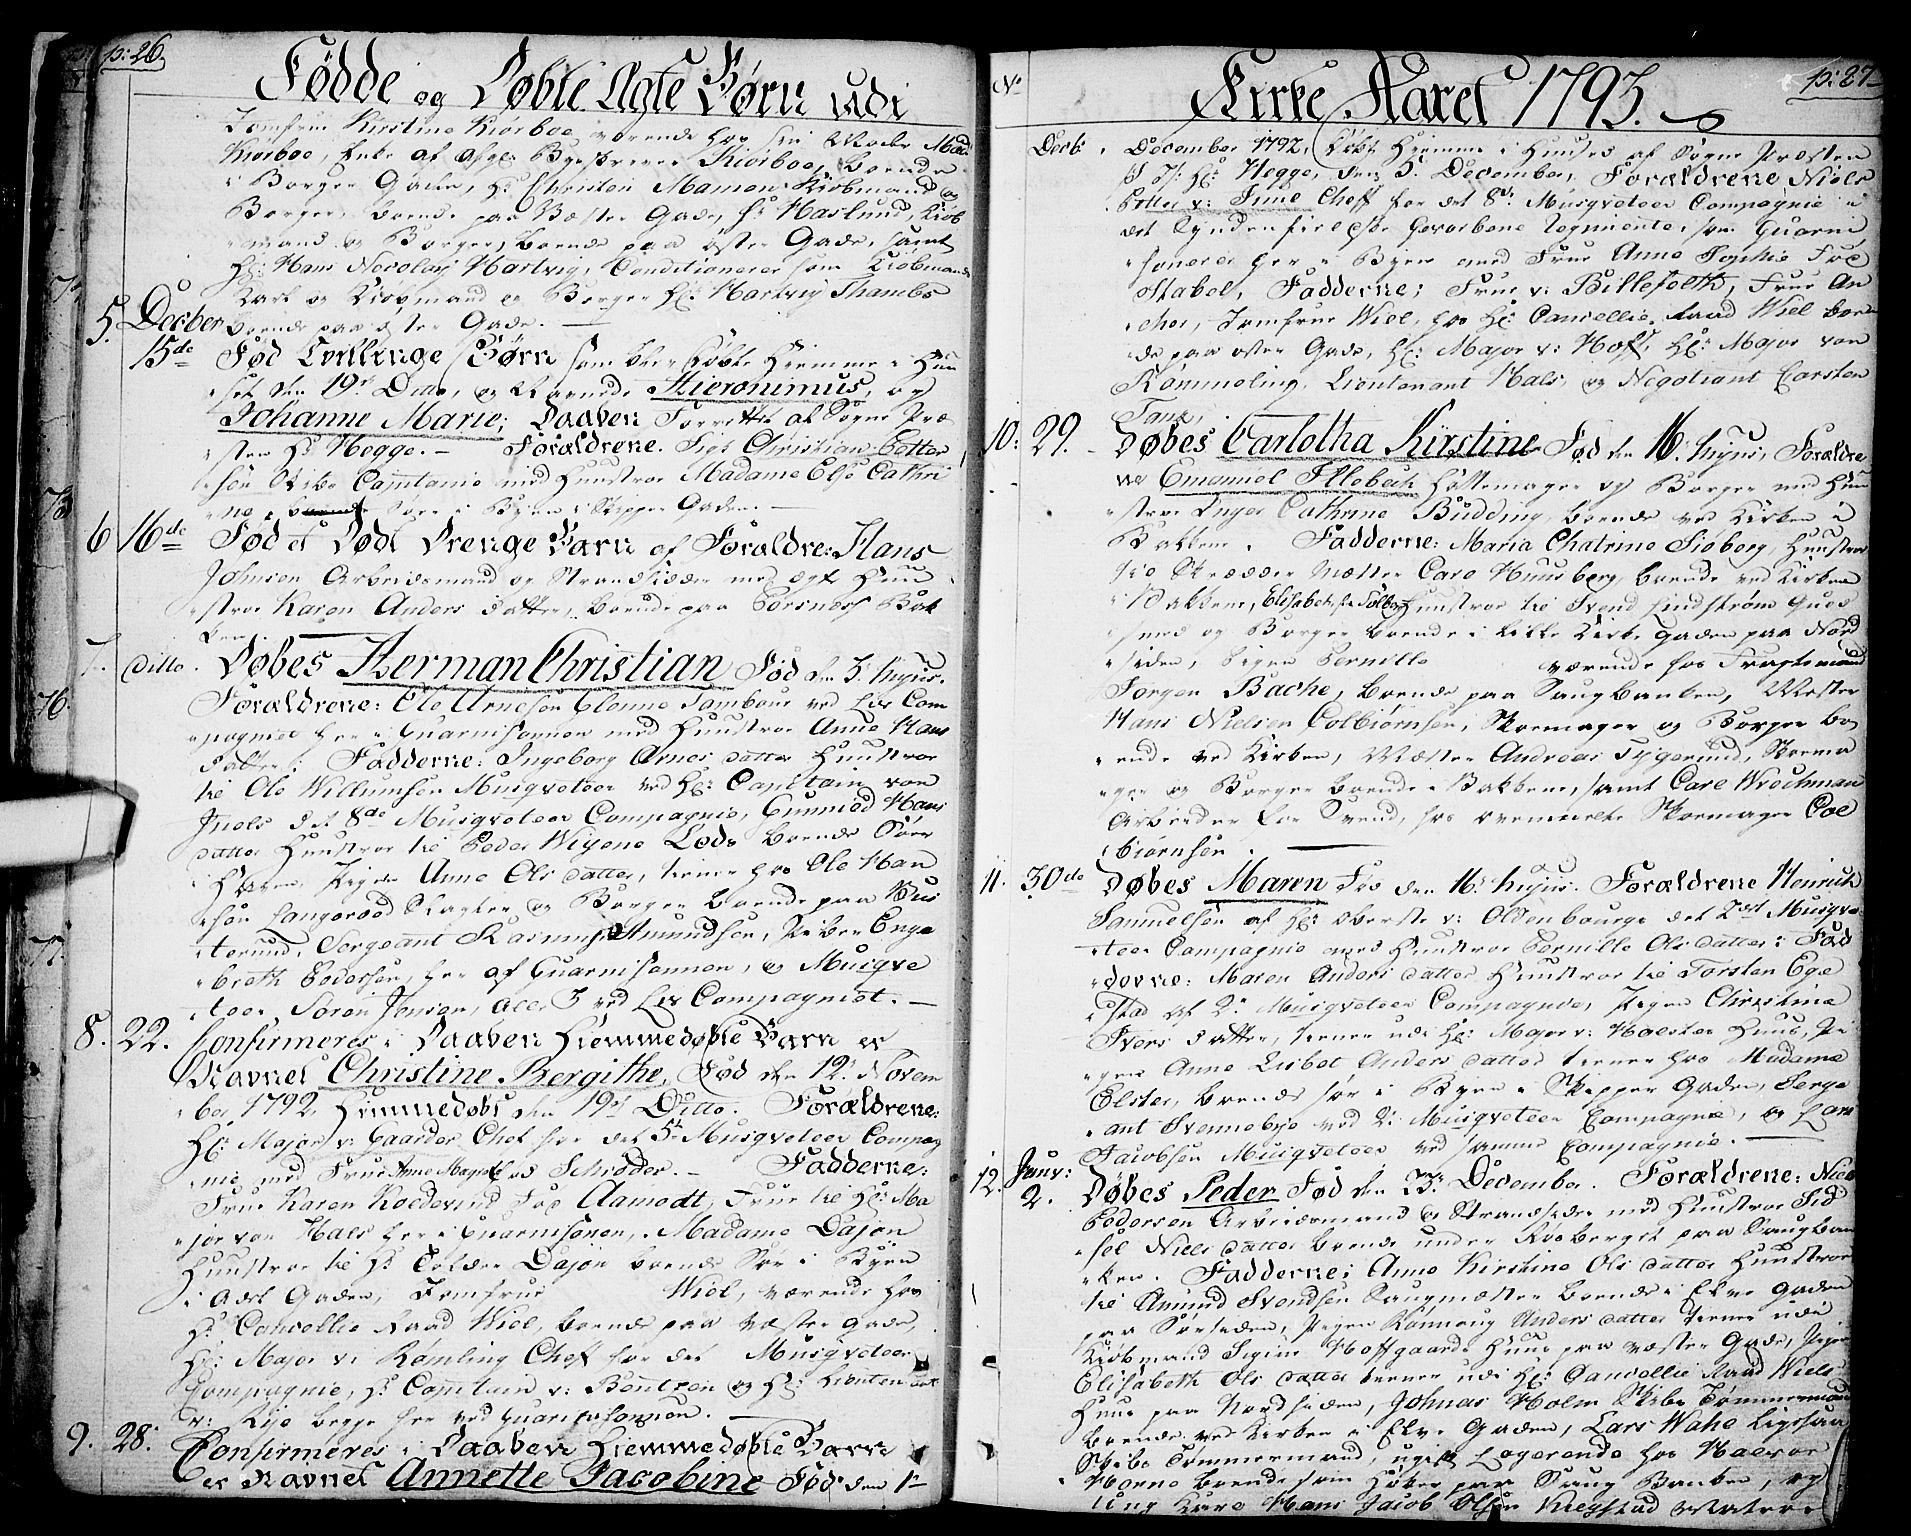 SAO, Halden prestekontor Kirkebøker, F/Fa/L0002: Ministerialbok nr. I 2, 1792-1812, s. 26-27